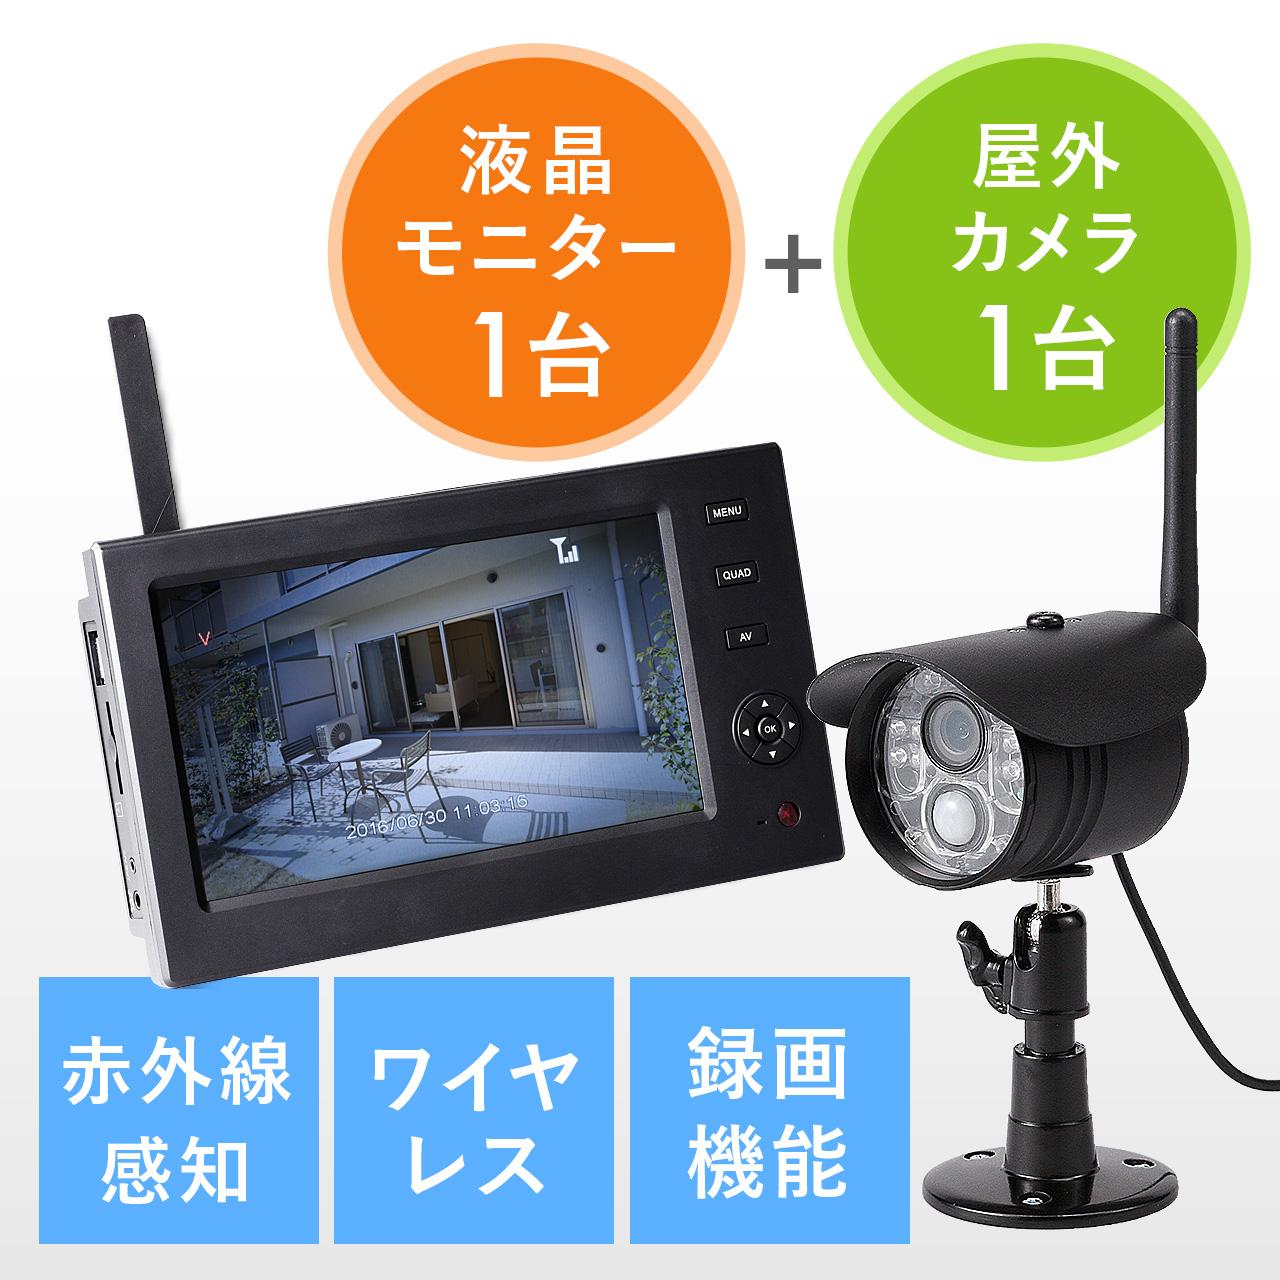 ワイヤレスカメラ&モニターセット(防水屋外カメラ・ワイヤレスカメラ1台セット・録画対応・SD/USBメモリー接続対応) サンワダイレクト サンワサプライ 400-CAM055-1